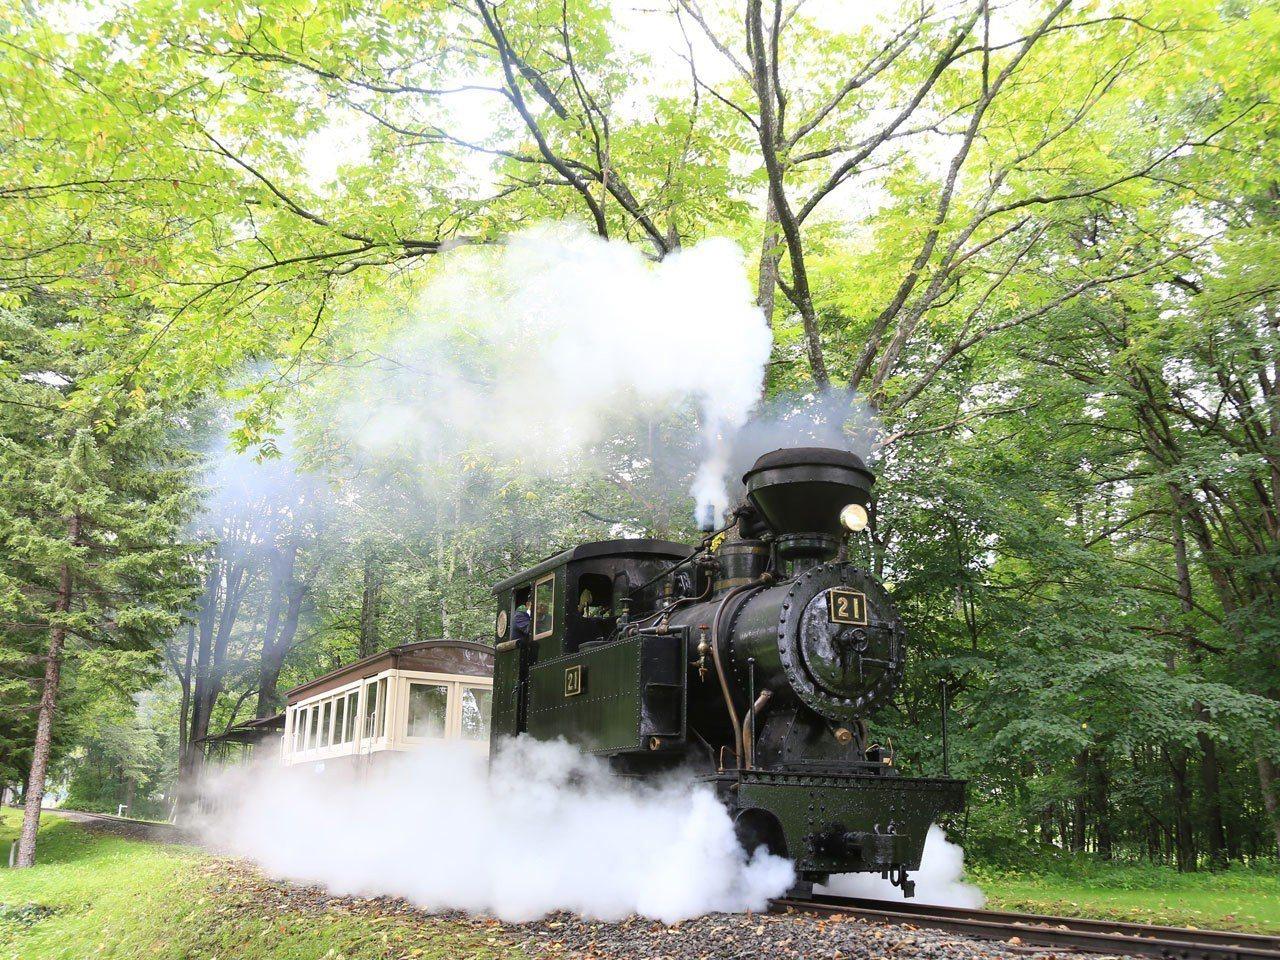 森林鐵路蒸汽火車「雨宮21號」。圖/擷自NPO法人北海道遺産協議會官網